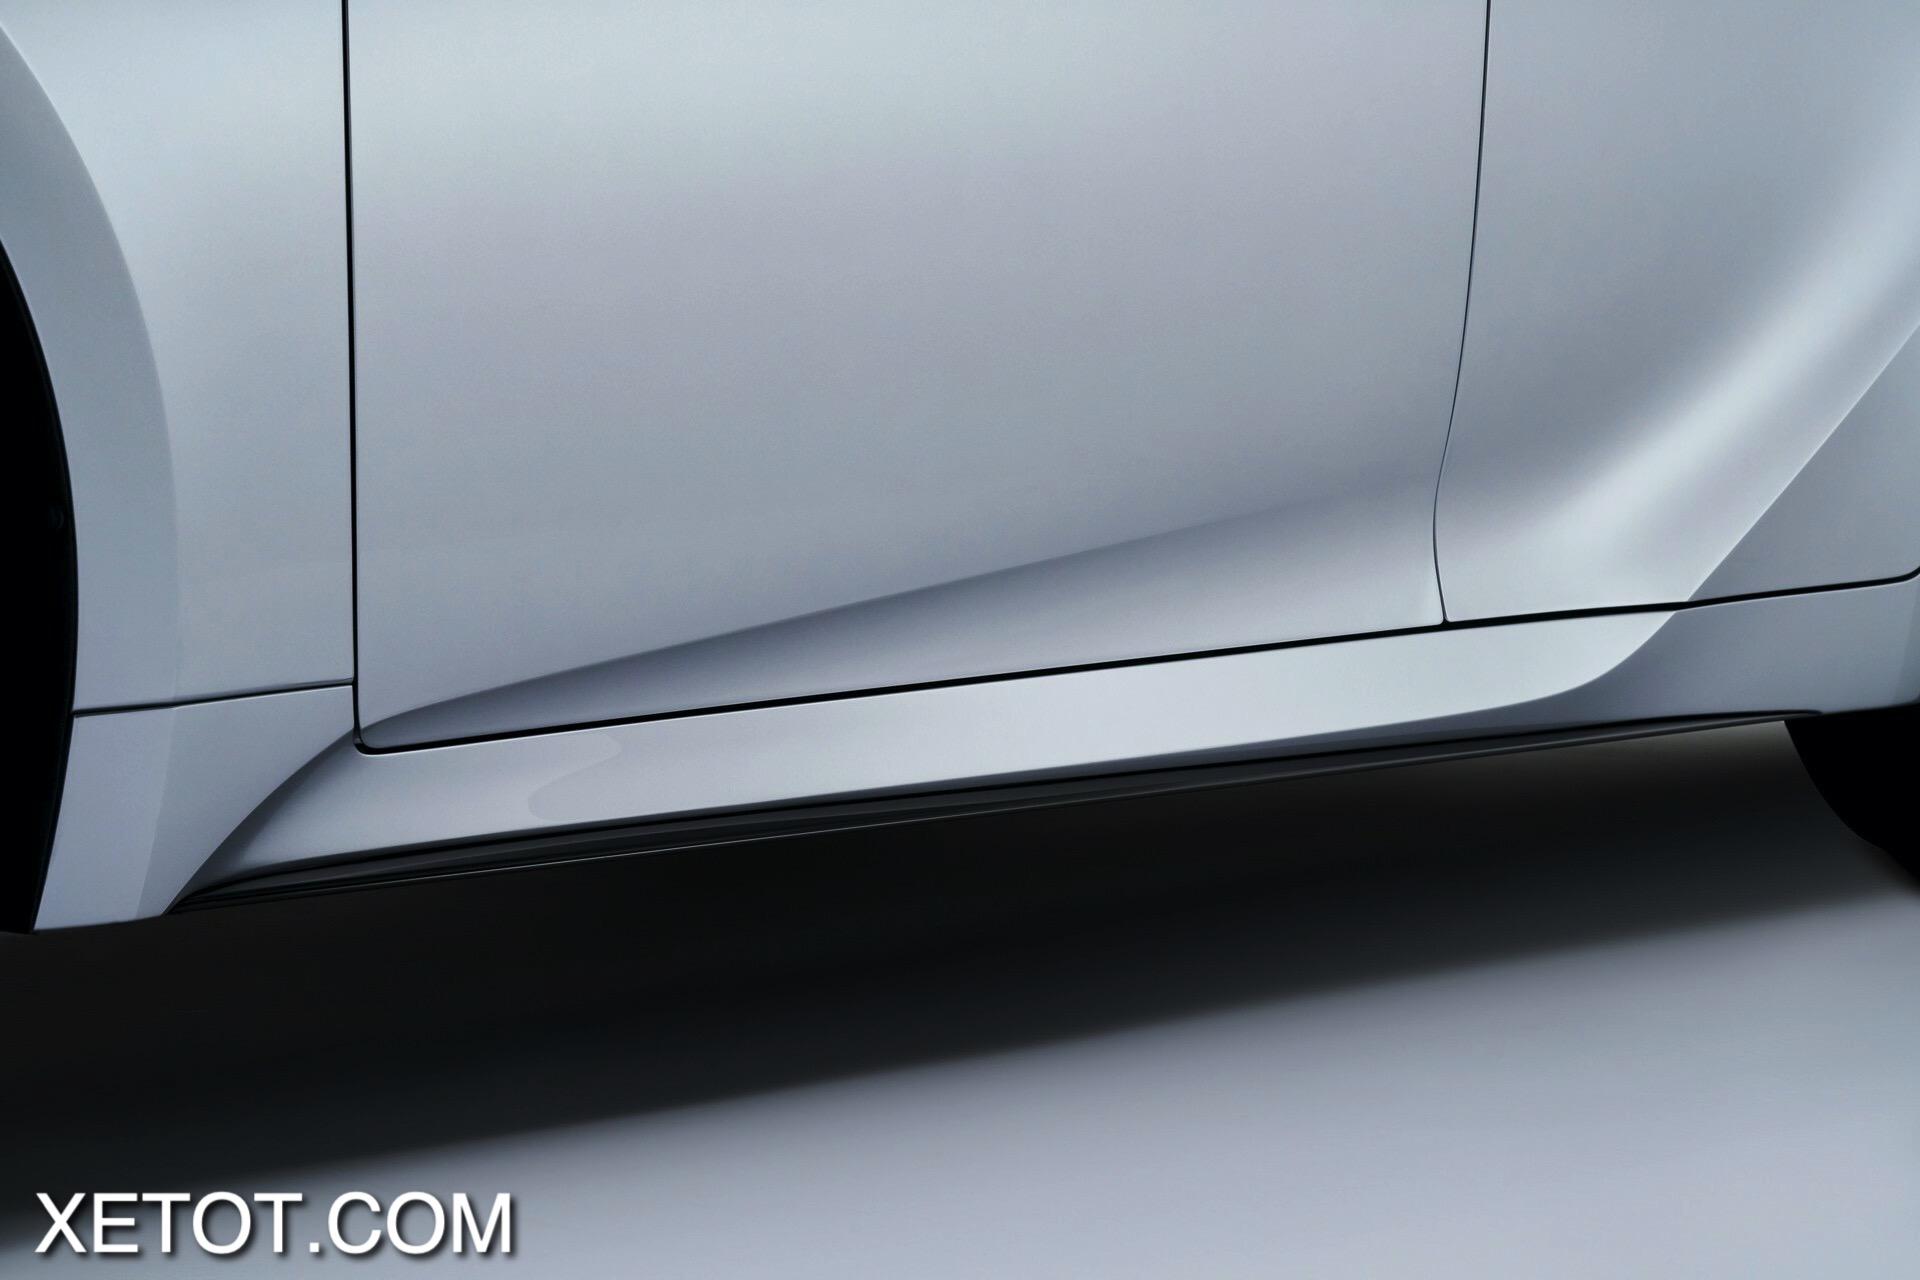 gan-gap-noi-ben-hong-xe-Lexus-IS-2021-xetot-com